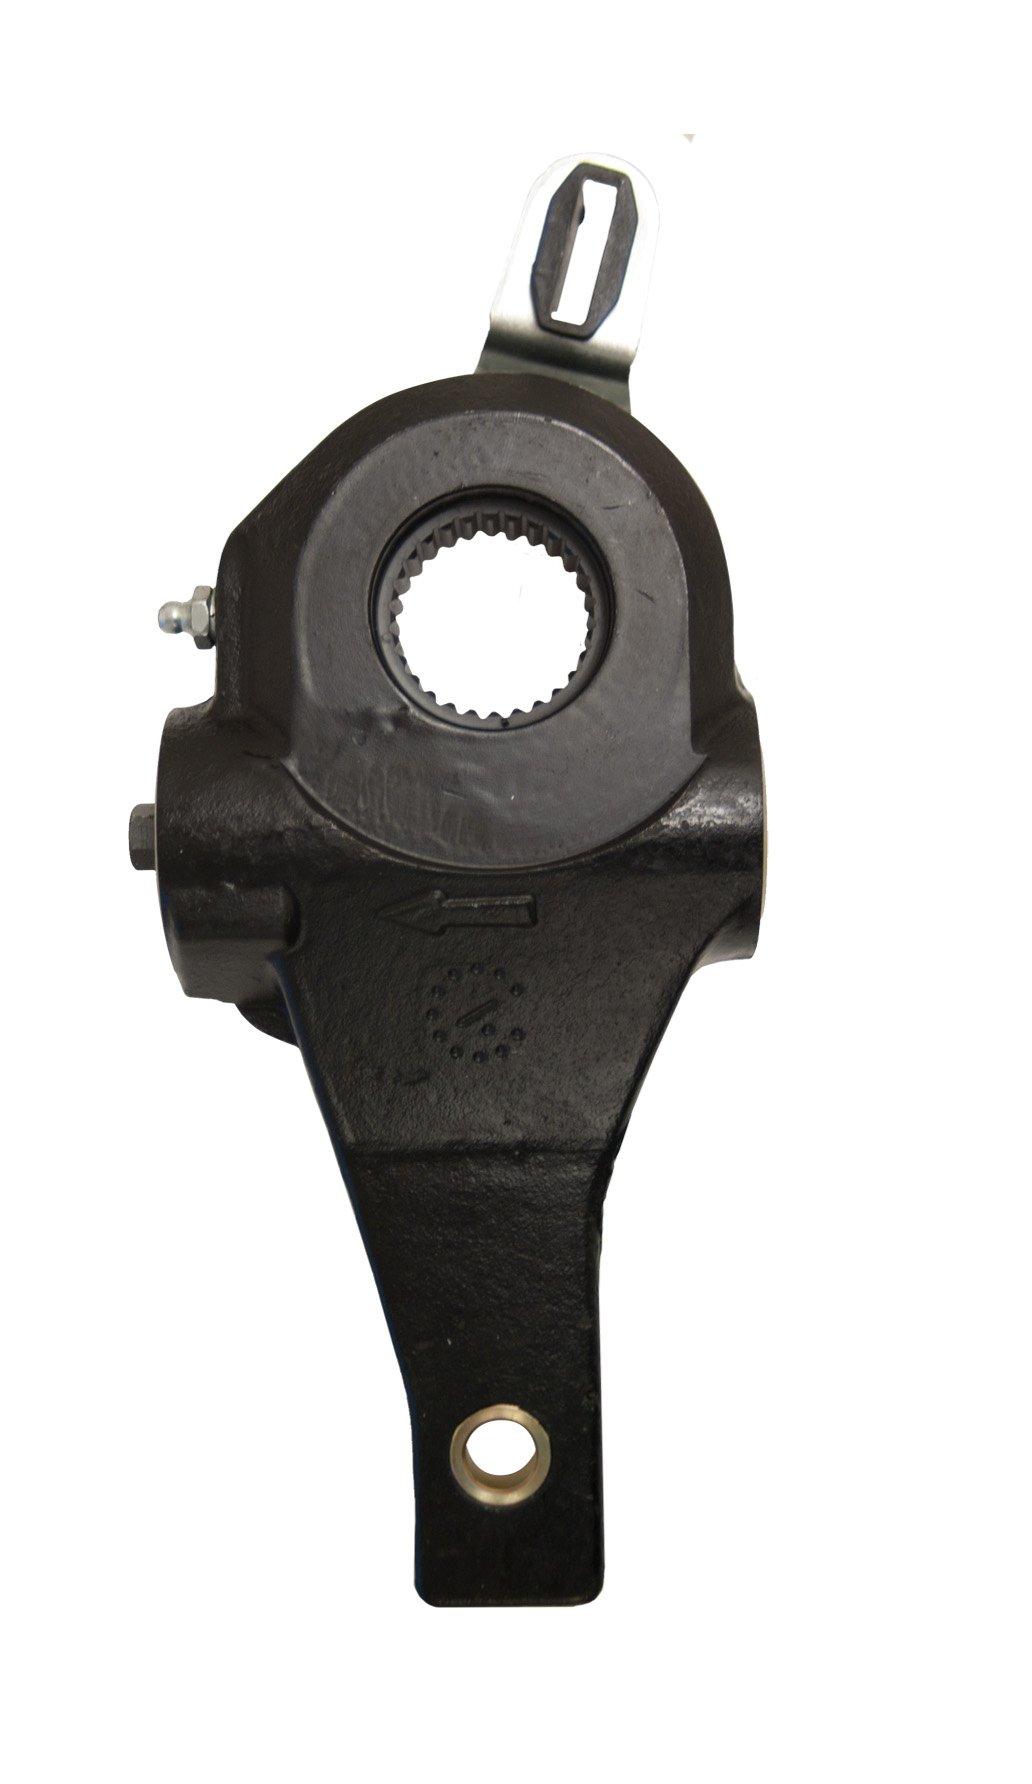 Haldex Style Brake Automatic Slack Adjuster 28 Splines